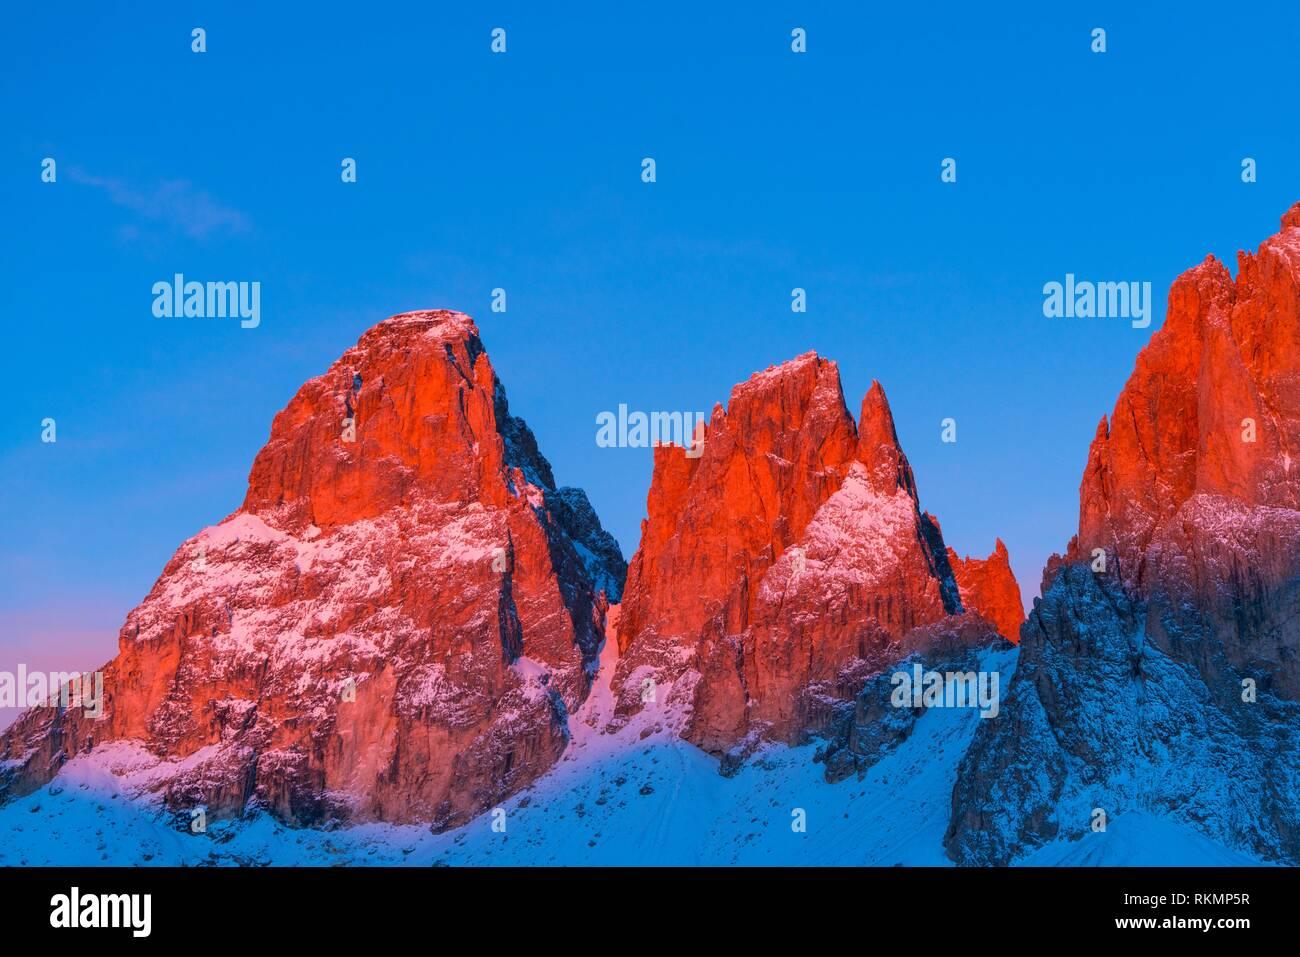 Sassolungo, Sella Pass, Dolomites, Unesco World Heritage Site, Italy, Europe. - Stock Image